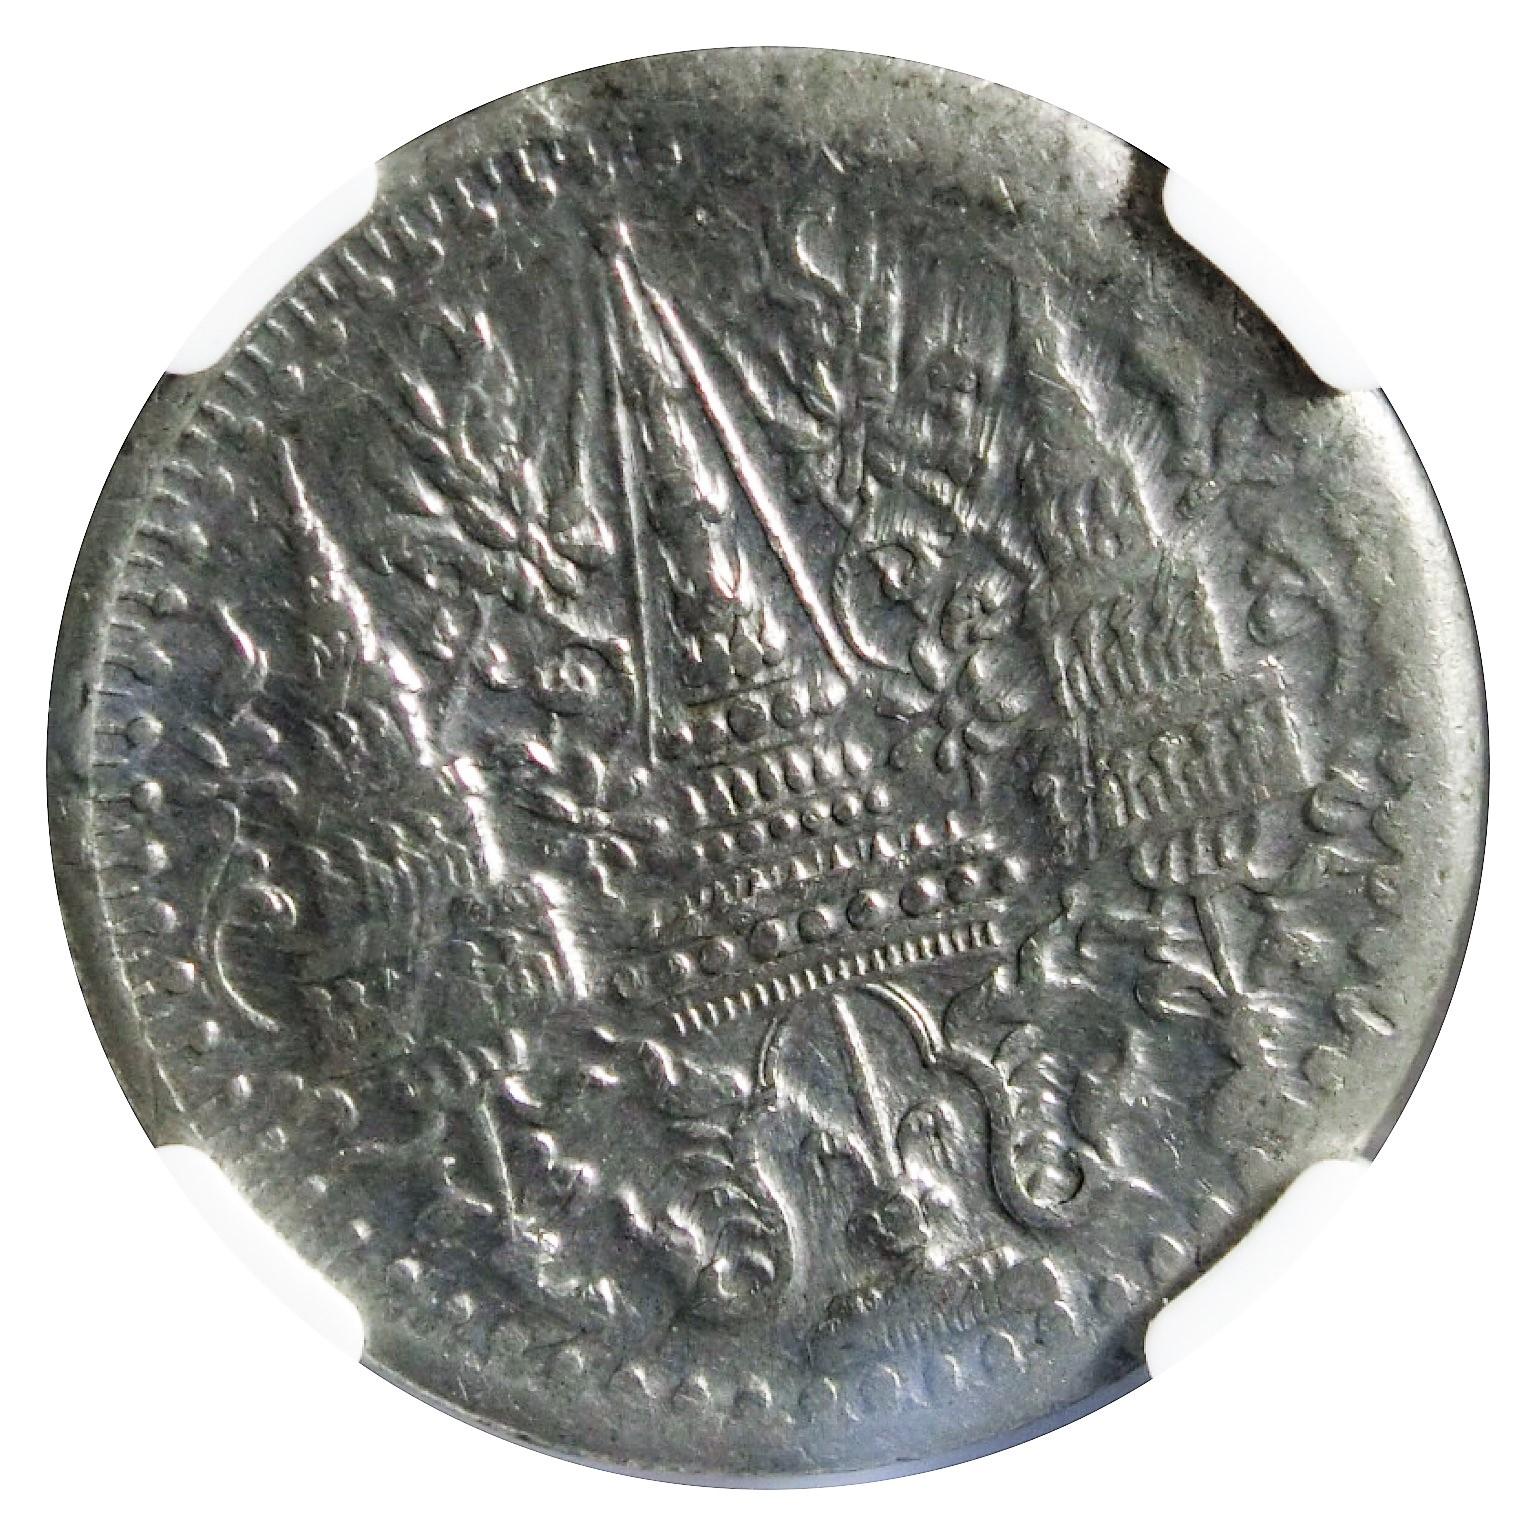 เหรียญกษาปณ์ดีบุก ชนิดราคา 1โสฬส รัชกาลที่4 AU 58